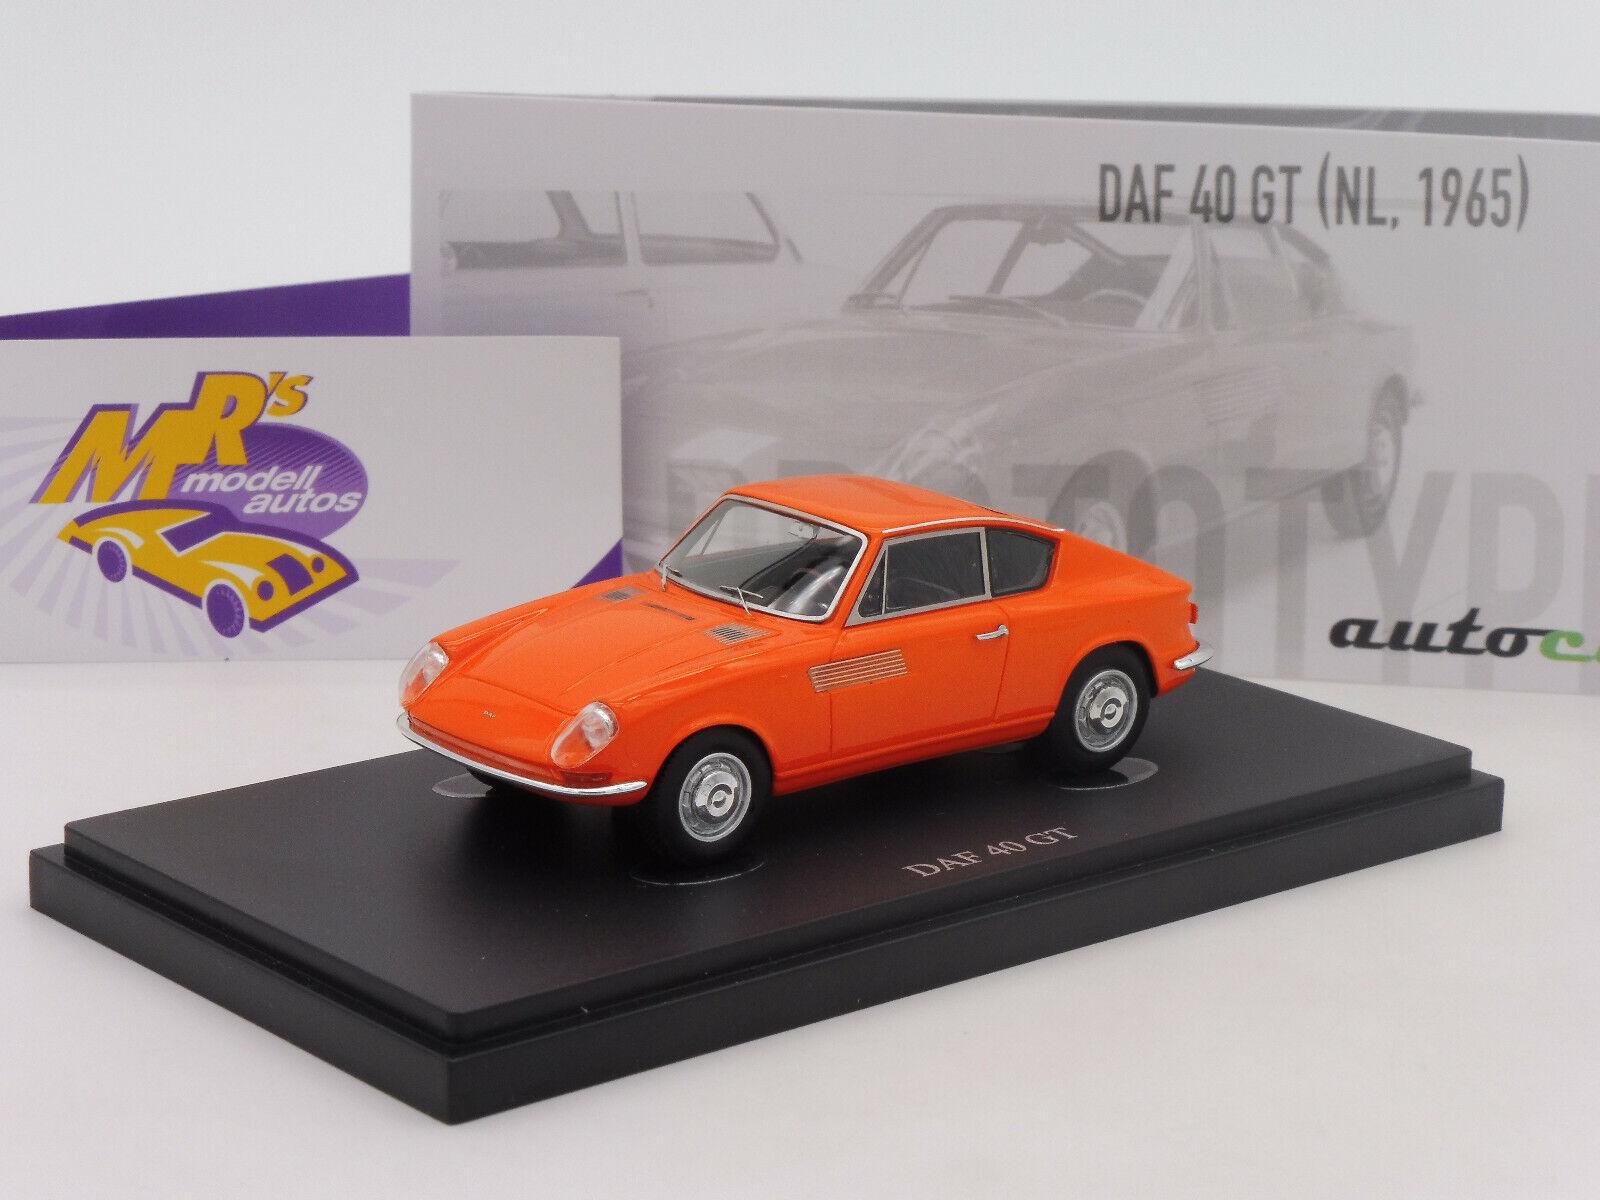 Autocult 06033   DAF 40 GT coupé  année modèle 1965 prougeotype dans  Orange  1 43 NEUF  juste pour toi